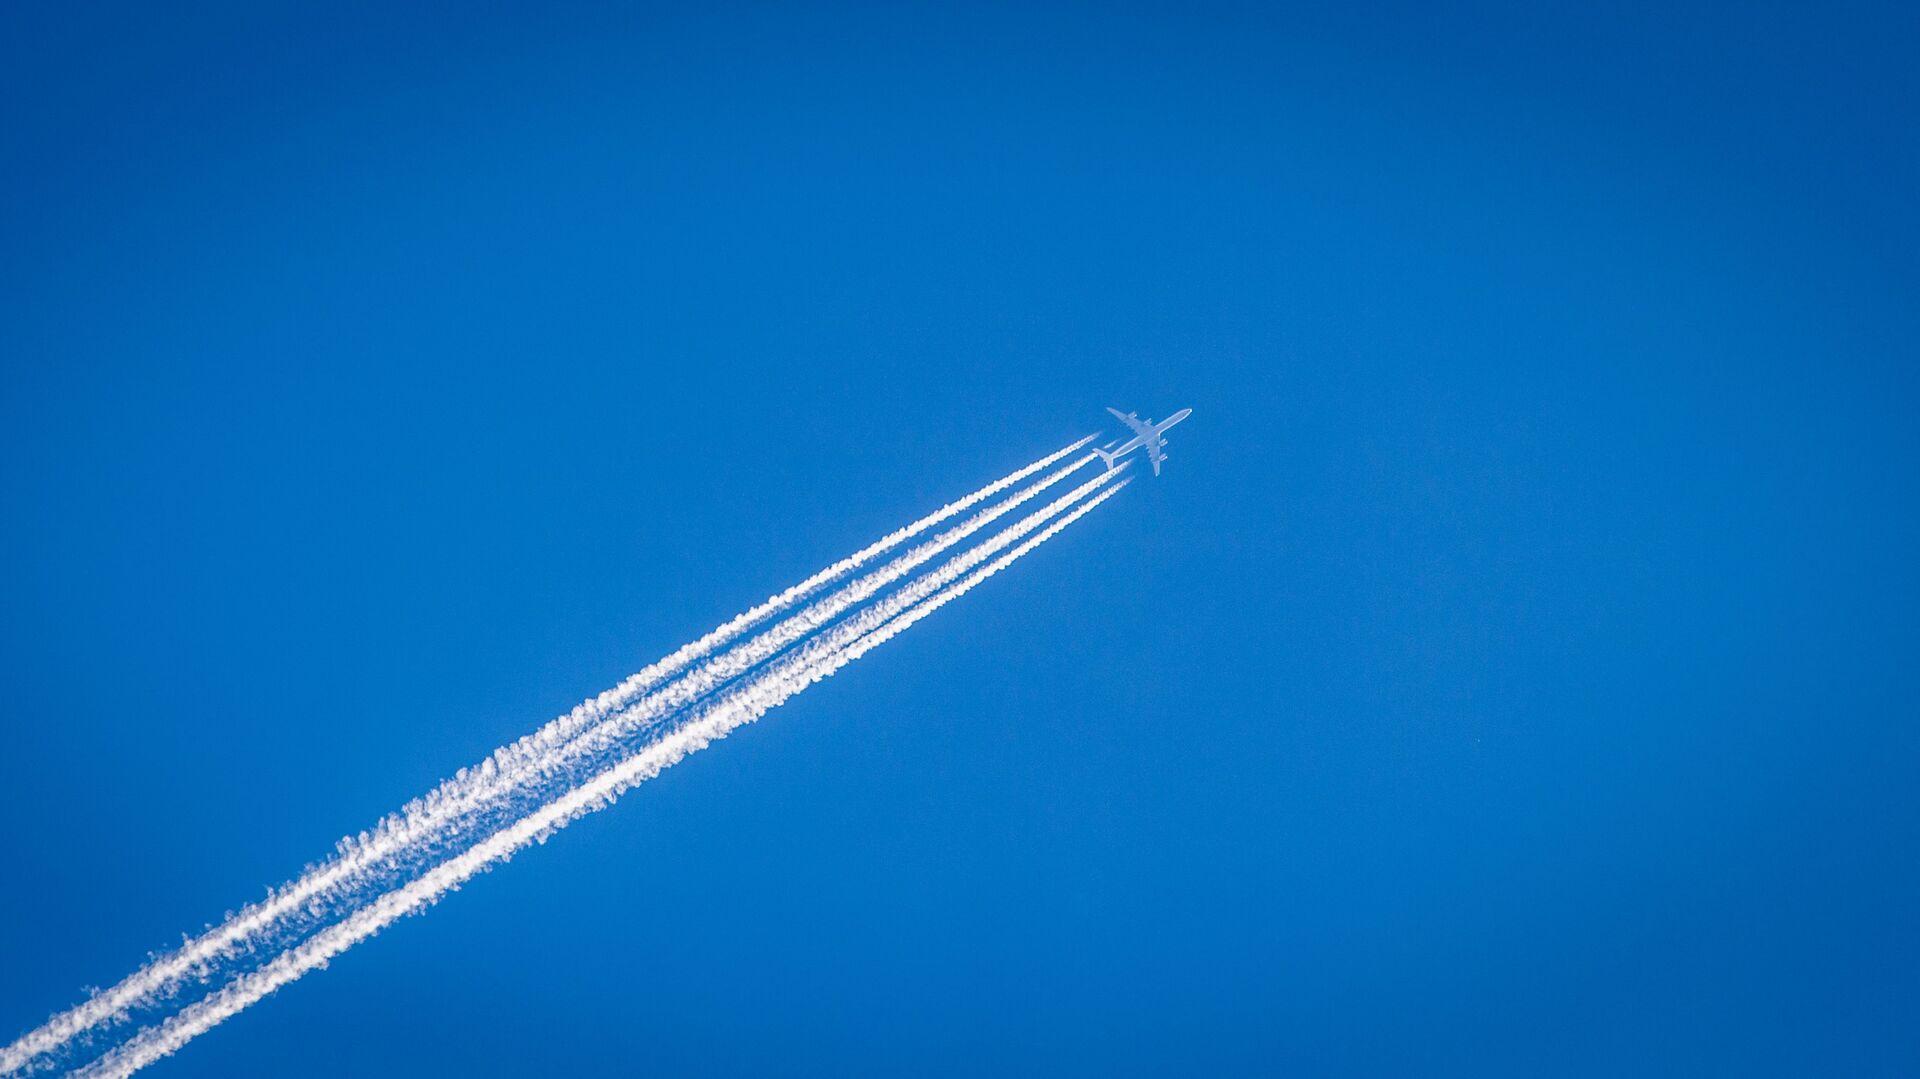 Un avión (imagen referencial) - Sputnik Mundo, 1920, 04.02.2021